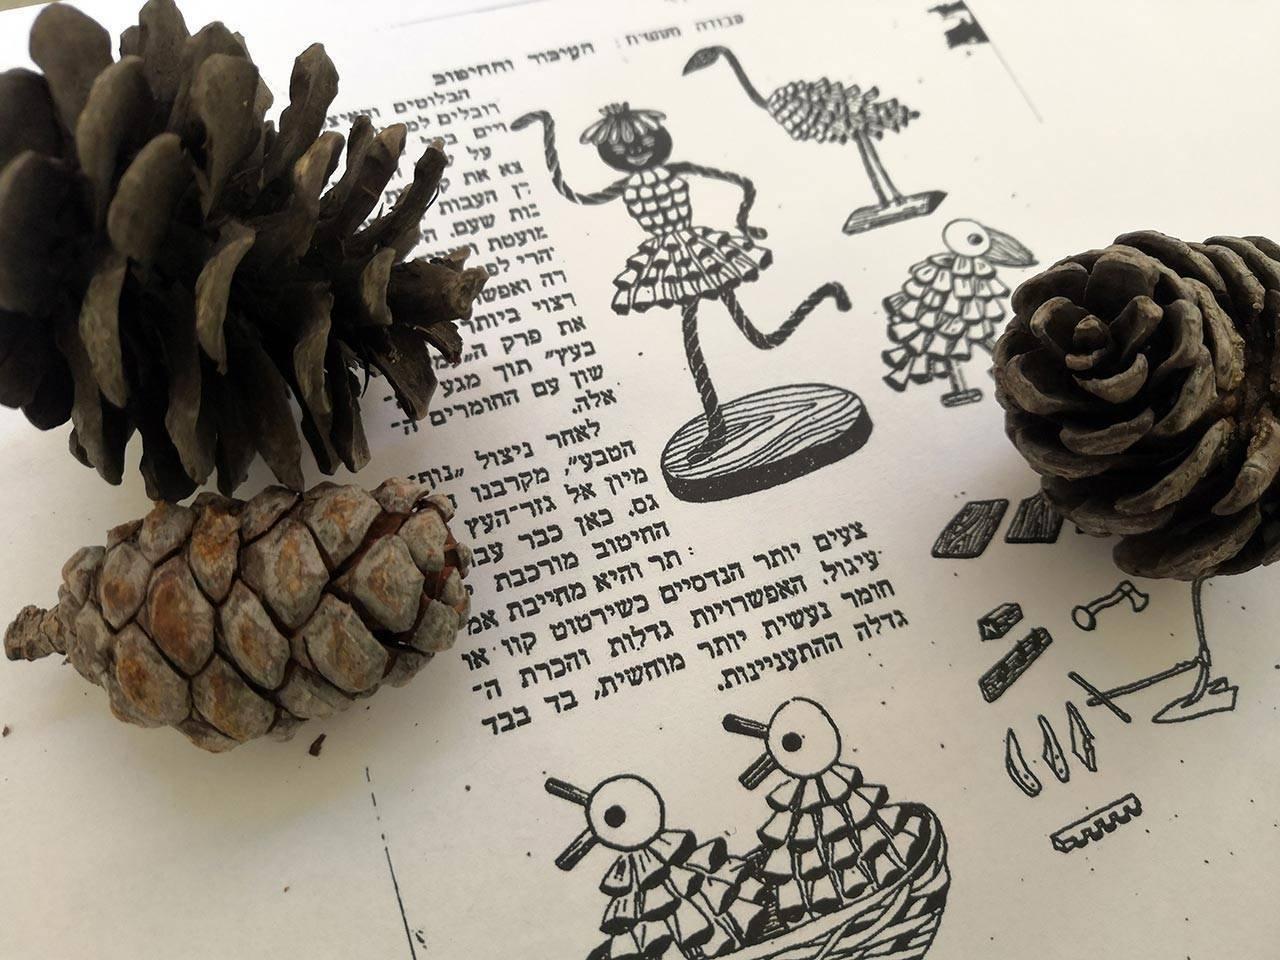 הוראות ליצירת צעצועים מאצטרובלים, שנות ה־50